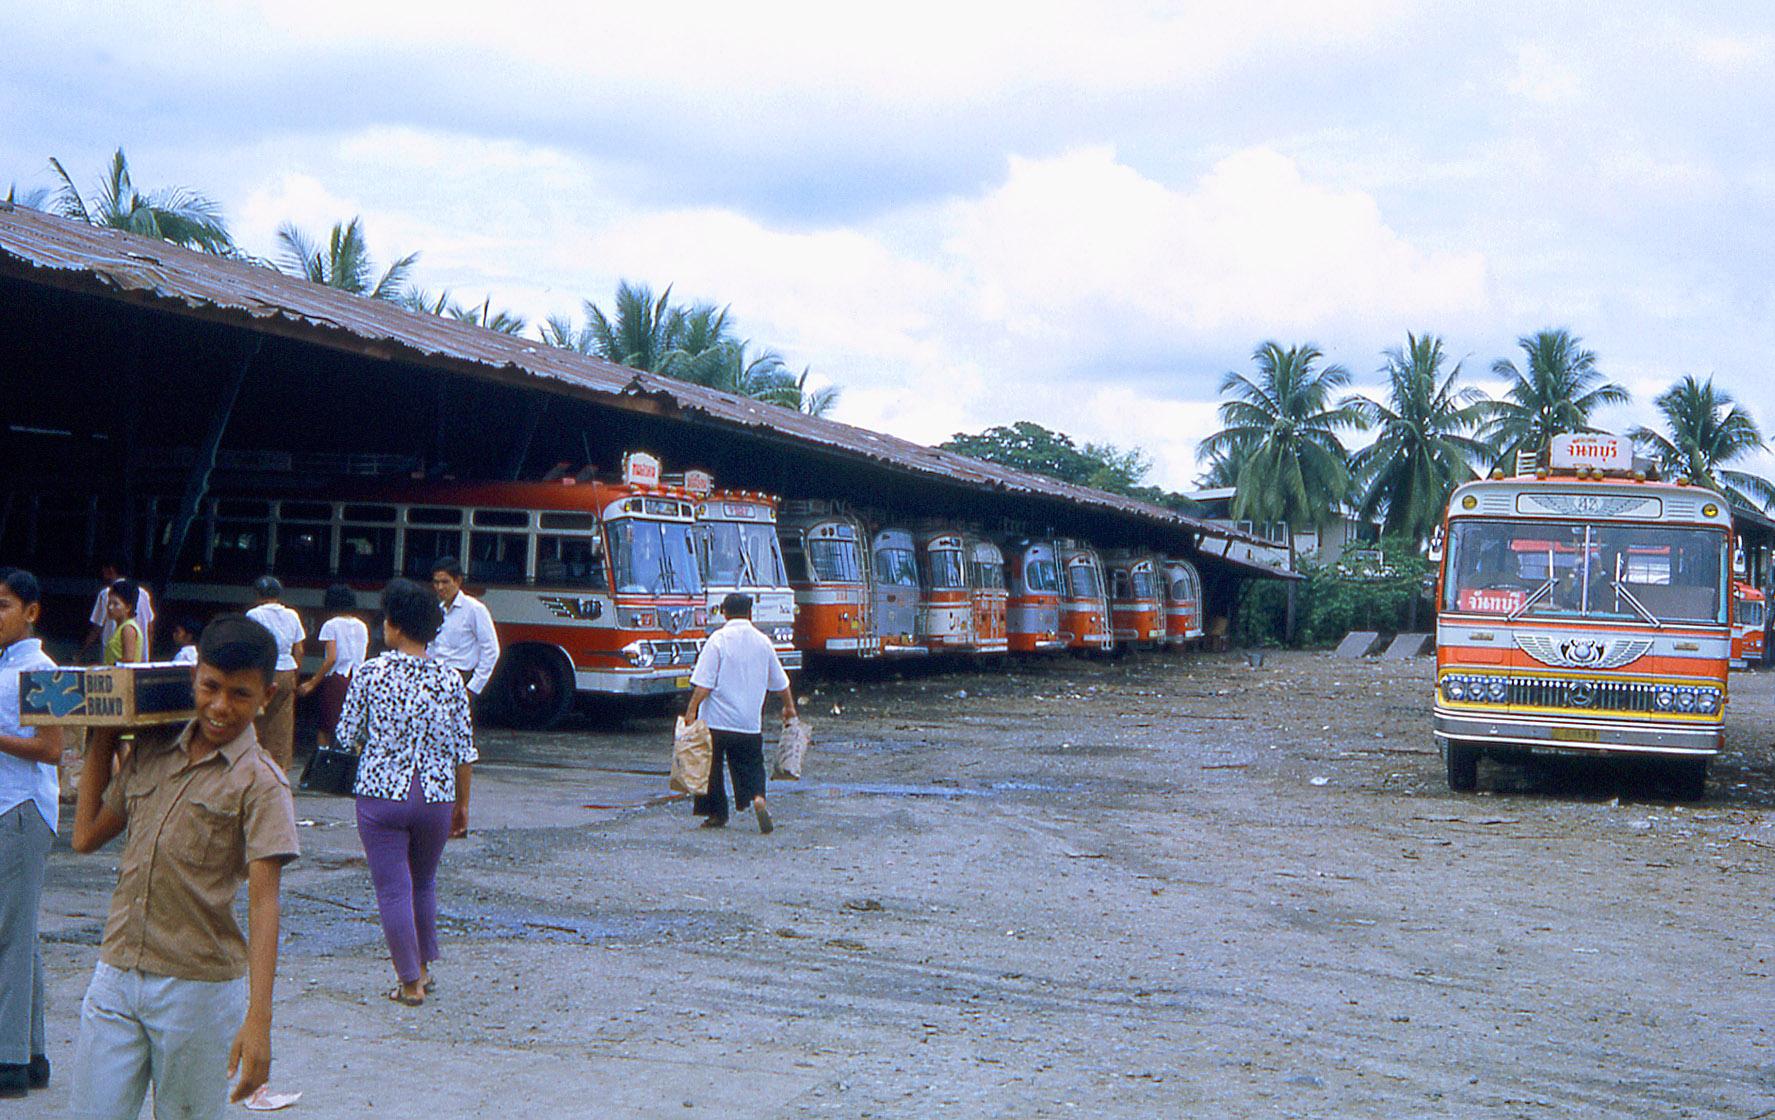 1968 Ekkamai Bus station in Bangkok 2.jpg